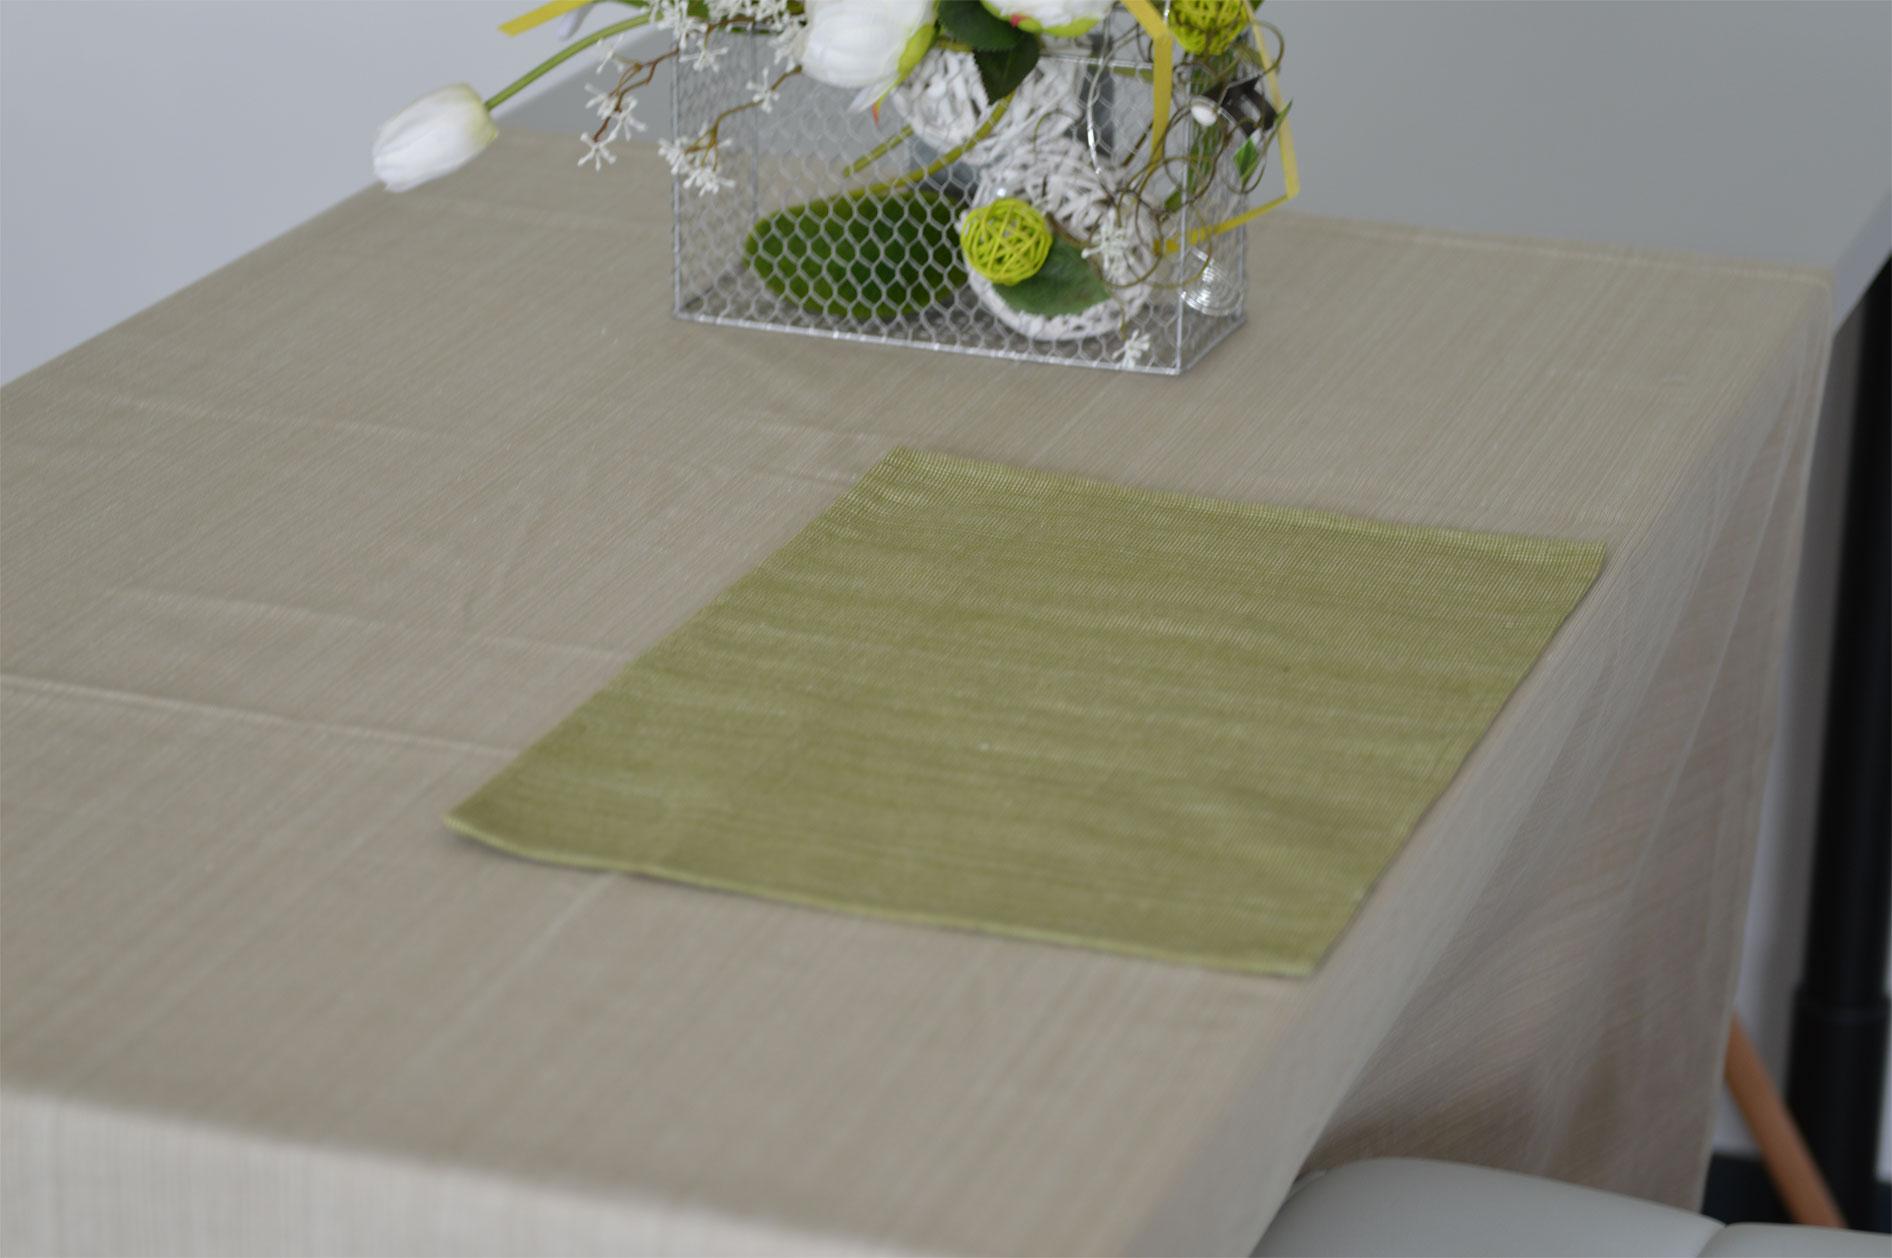 Code promo HomeMaison : Set de table en coton biologique, vert - 2,90€ au lieu de 4,90€